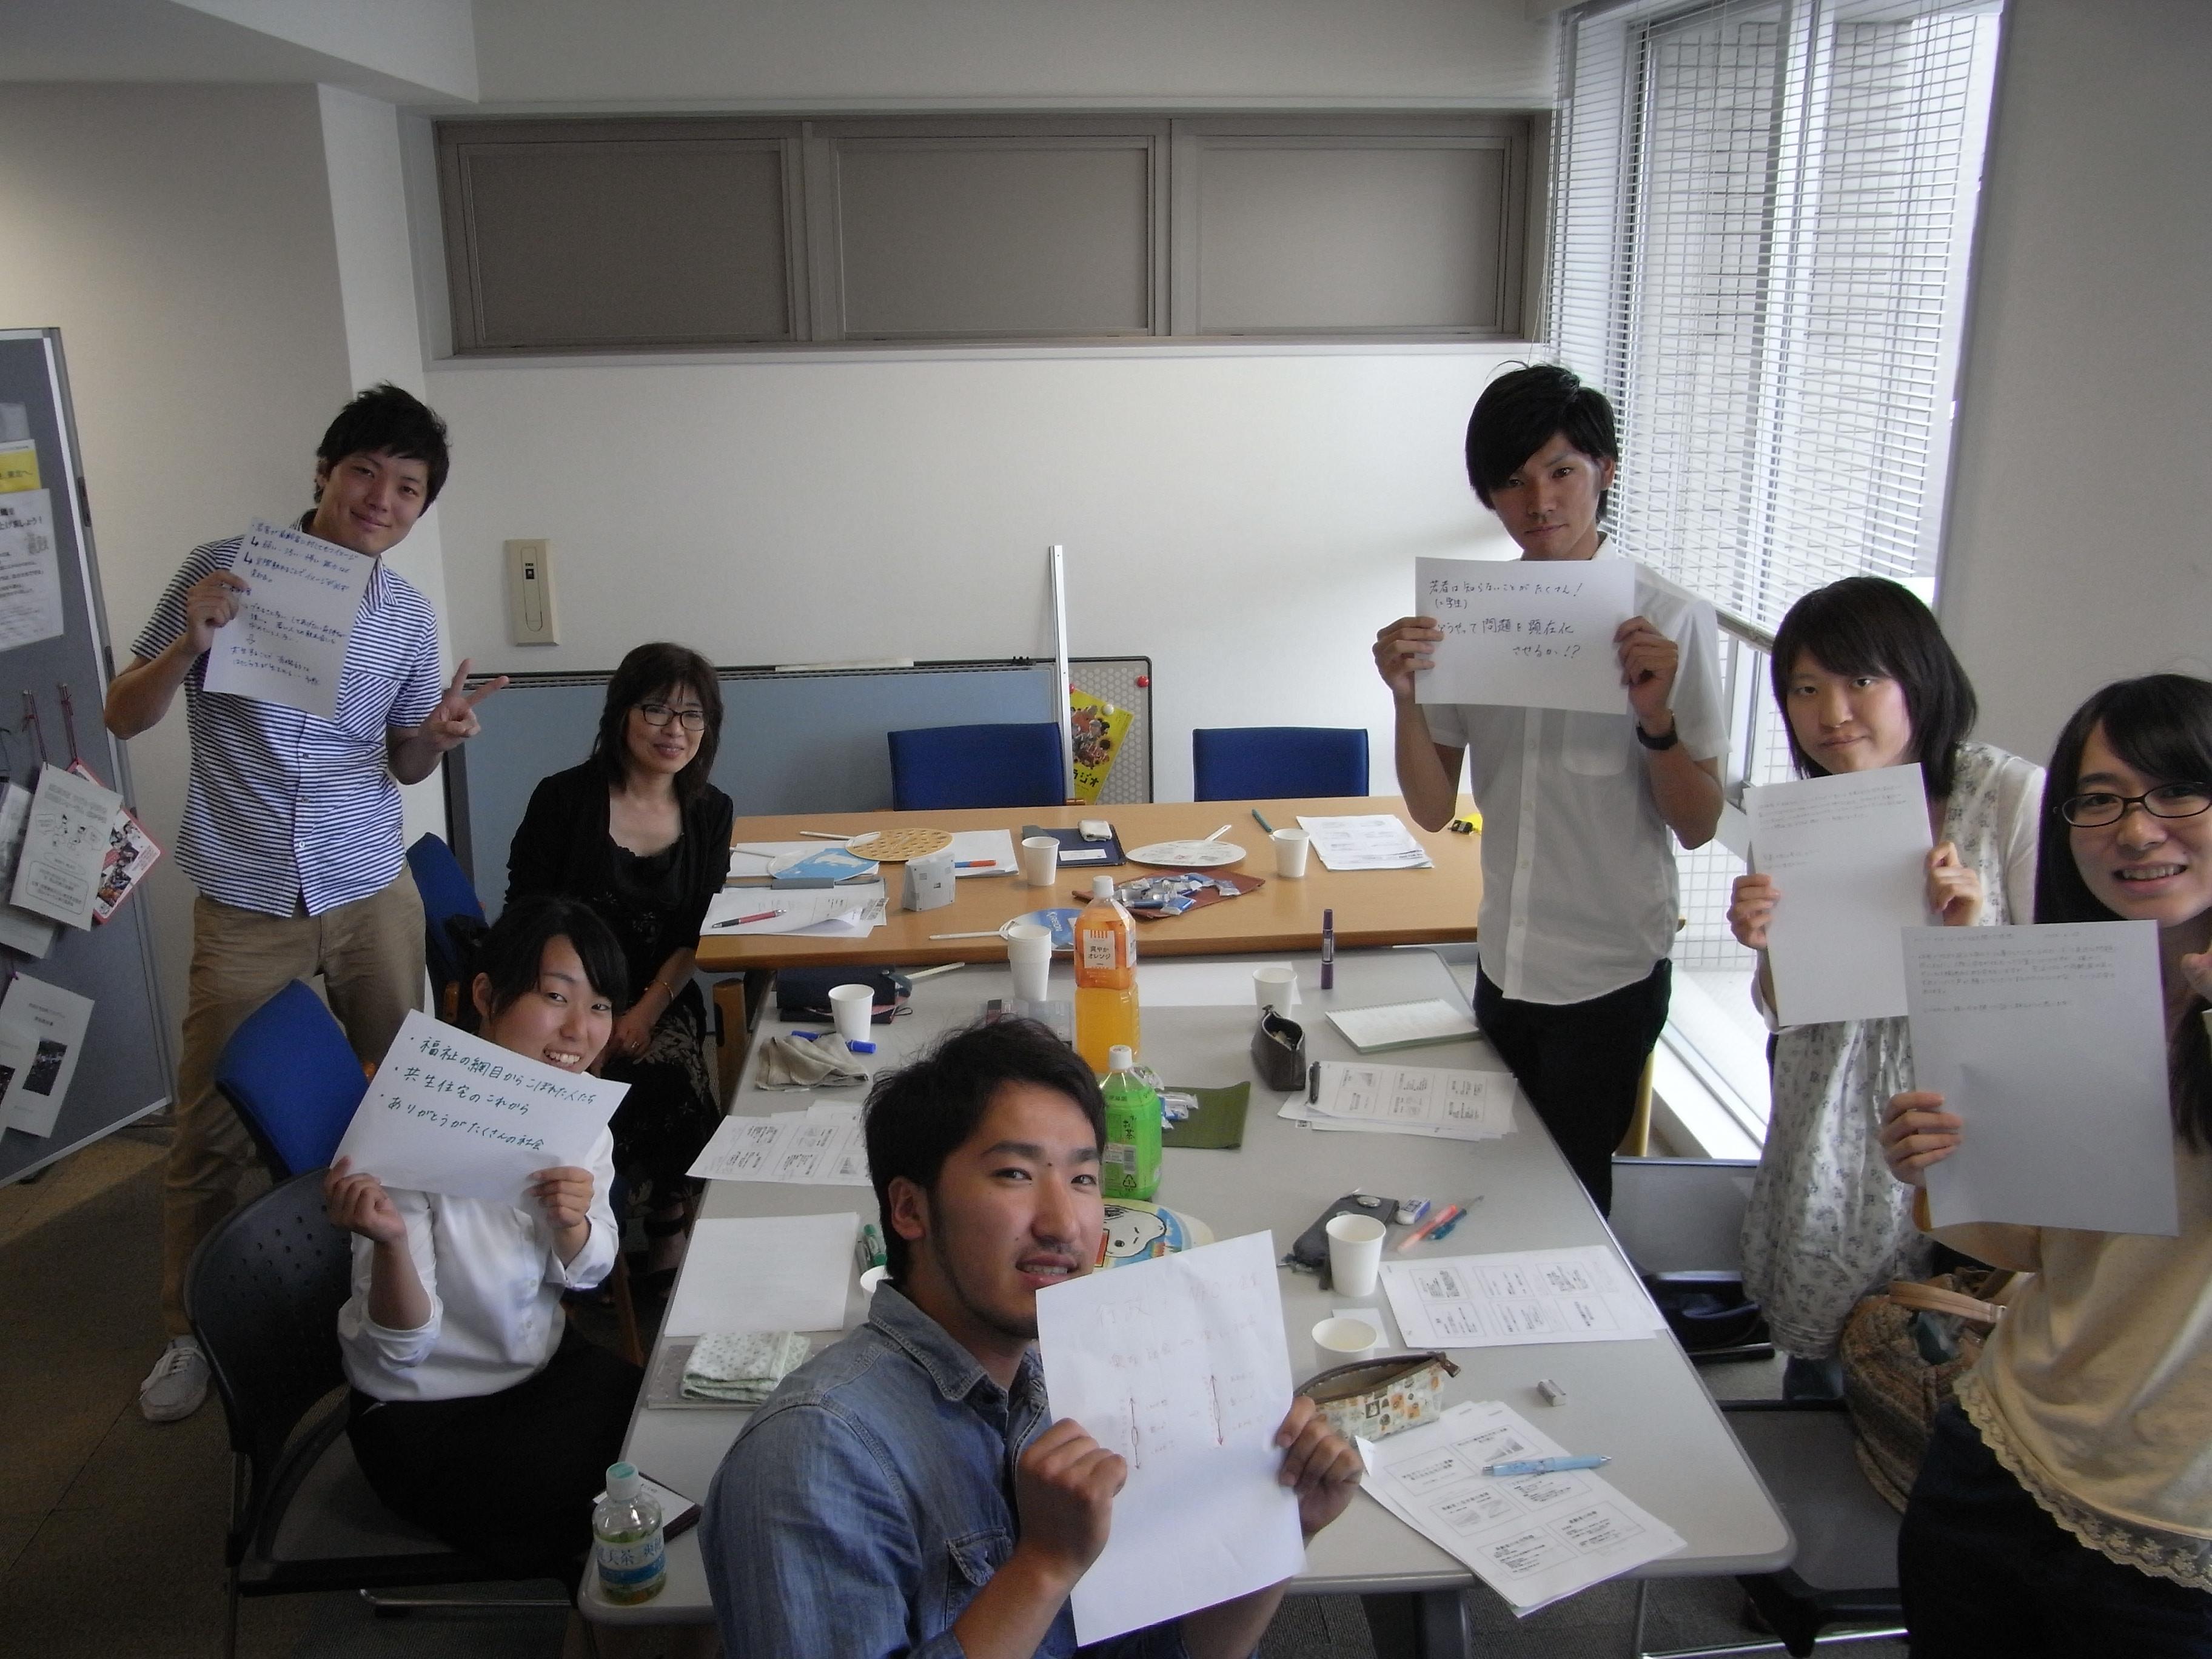 【イベント報告】 若者×お年寄りの可能性!  社会を変えるソーシャルアクション!